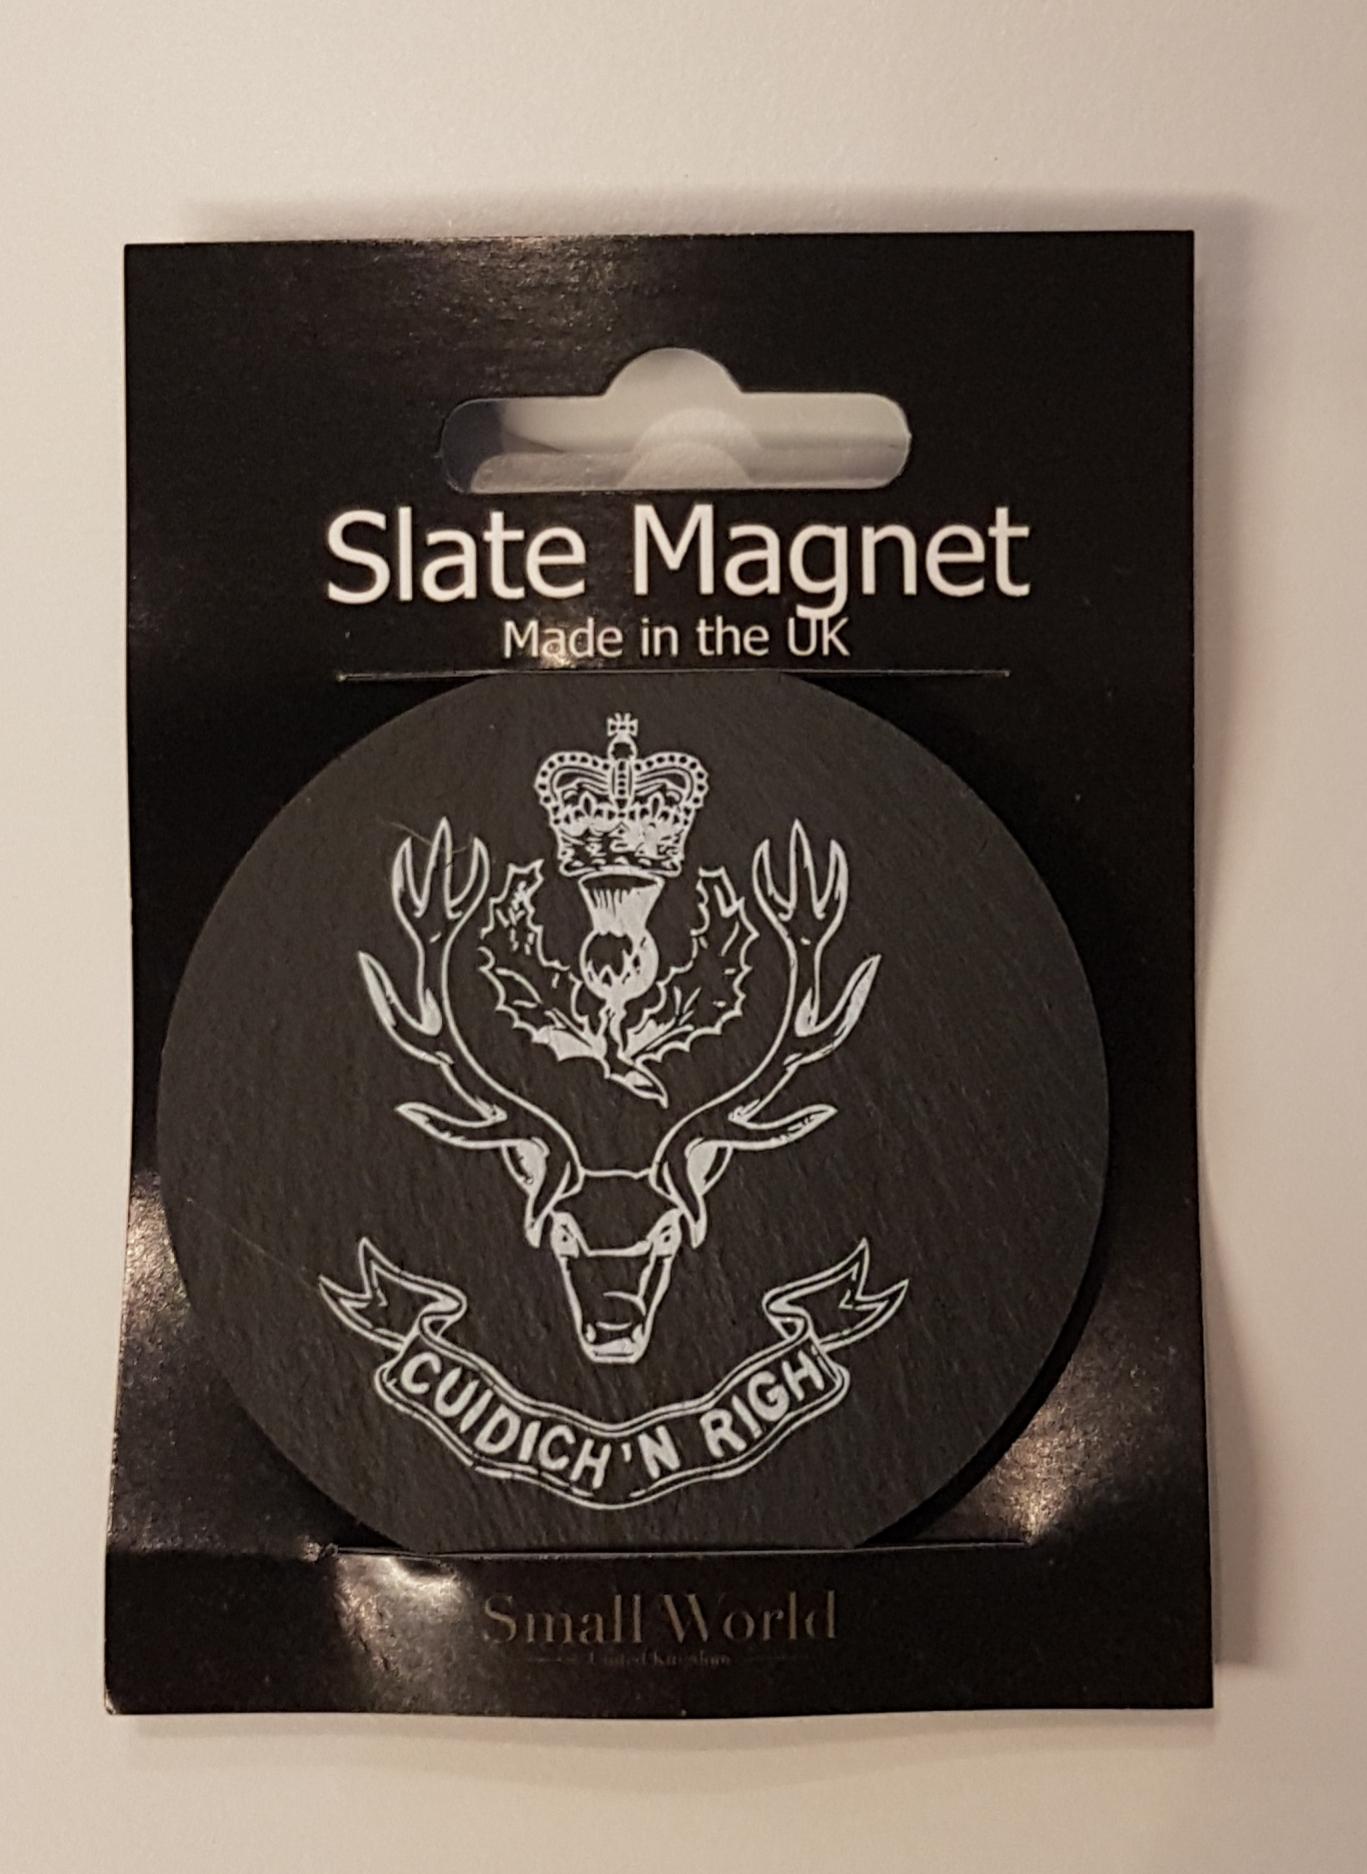 Slate Magnet